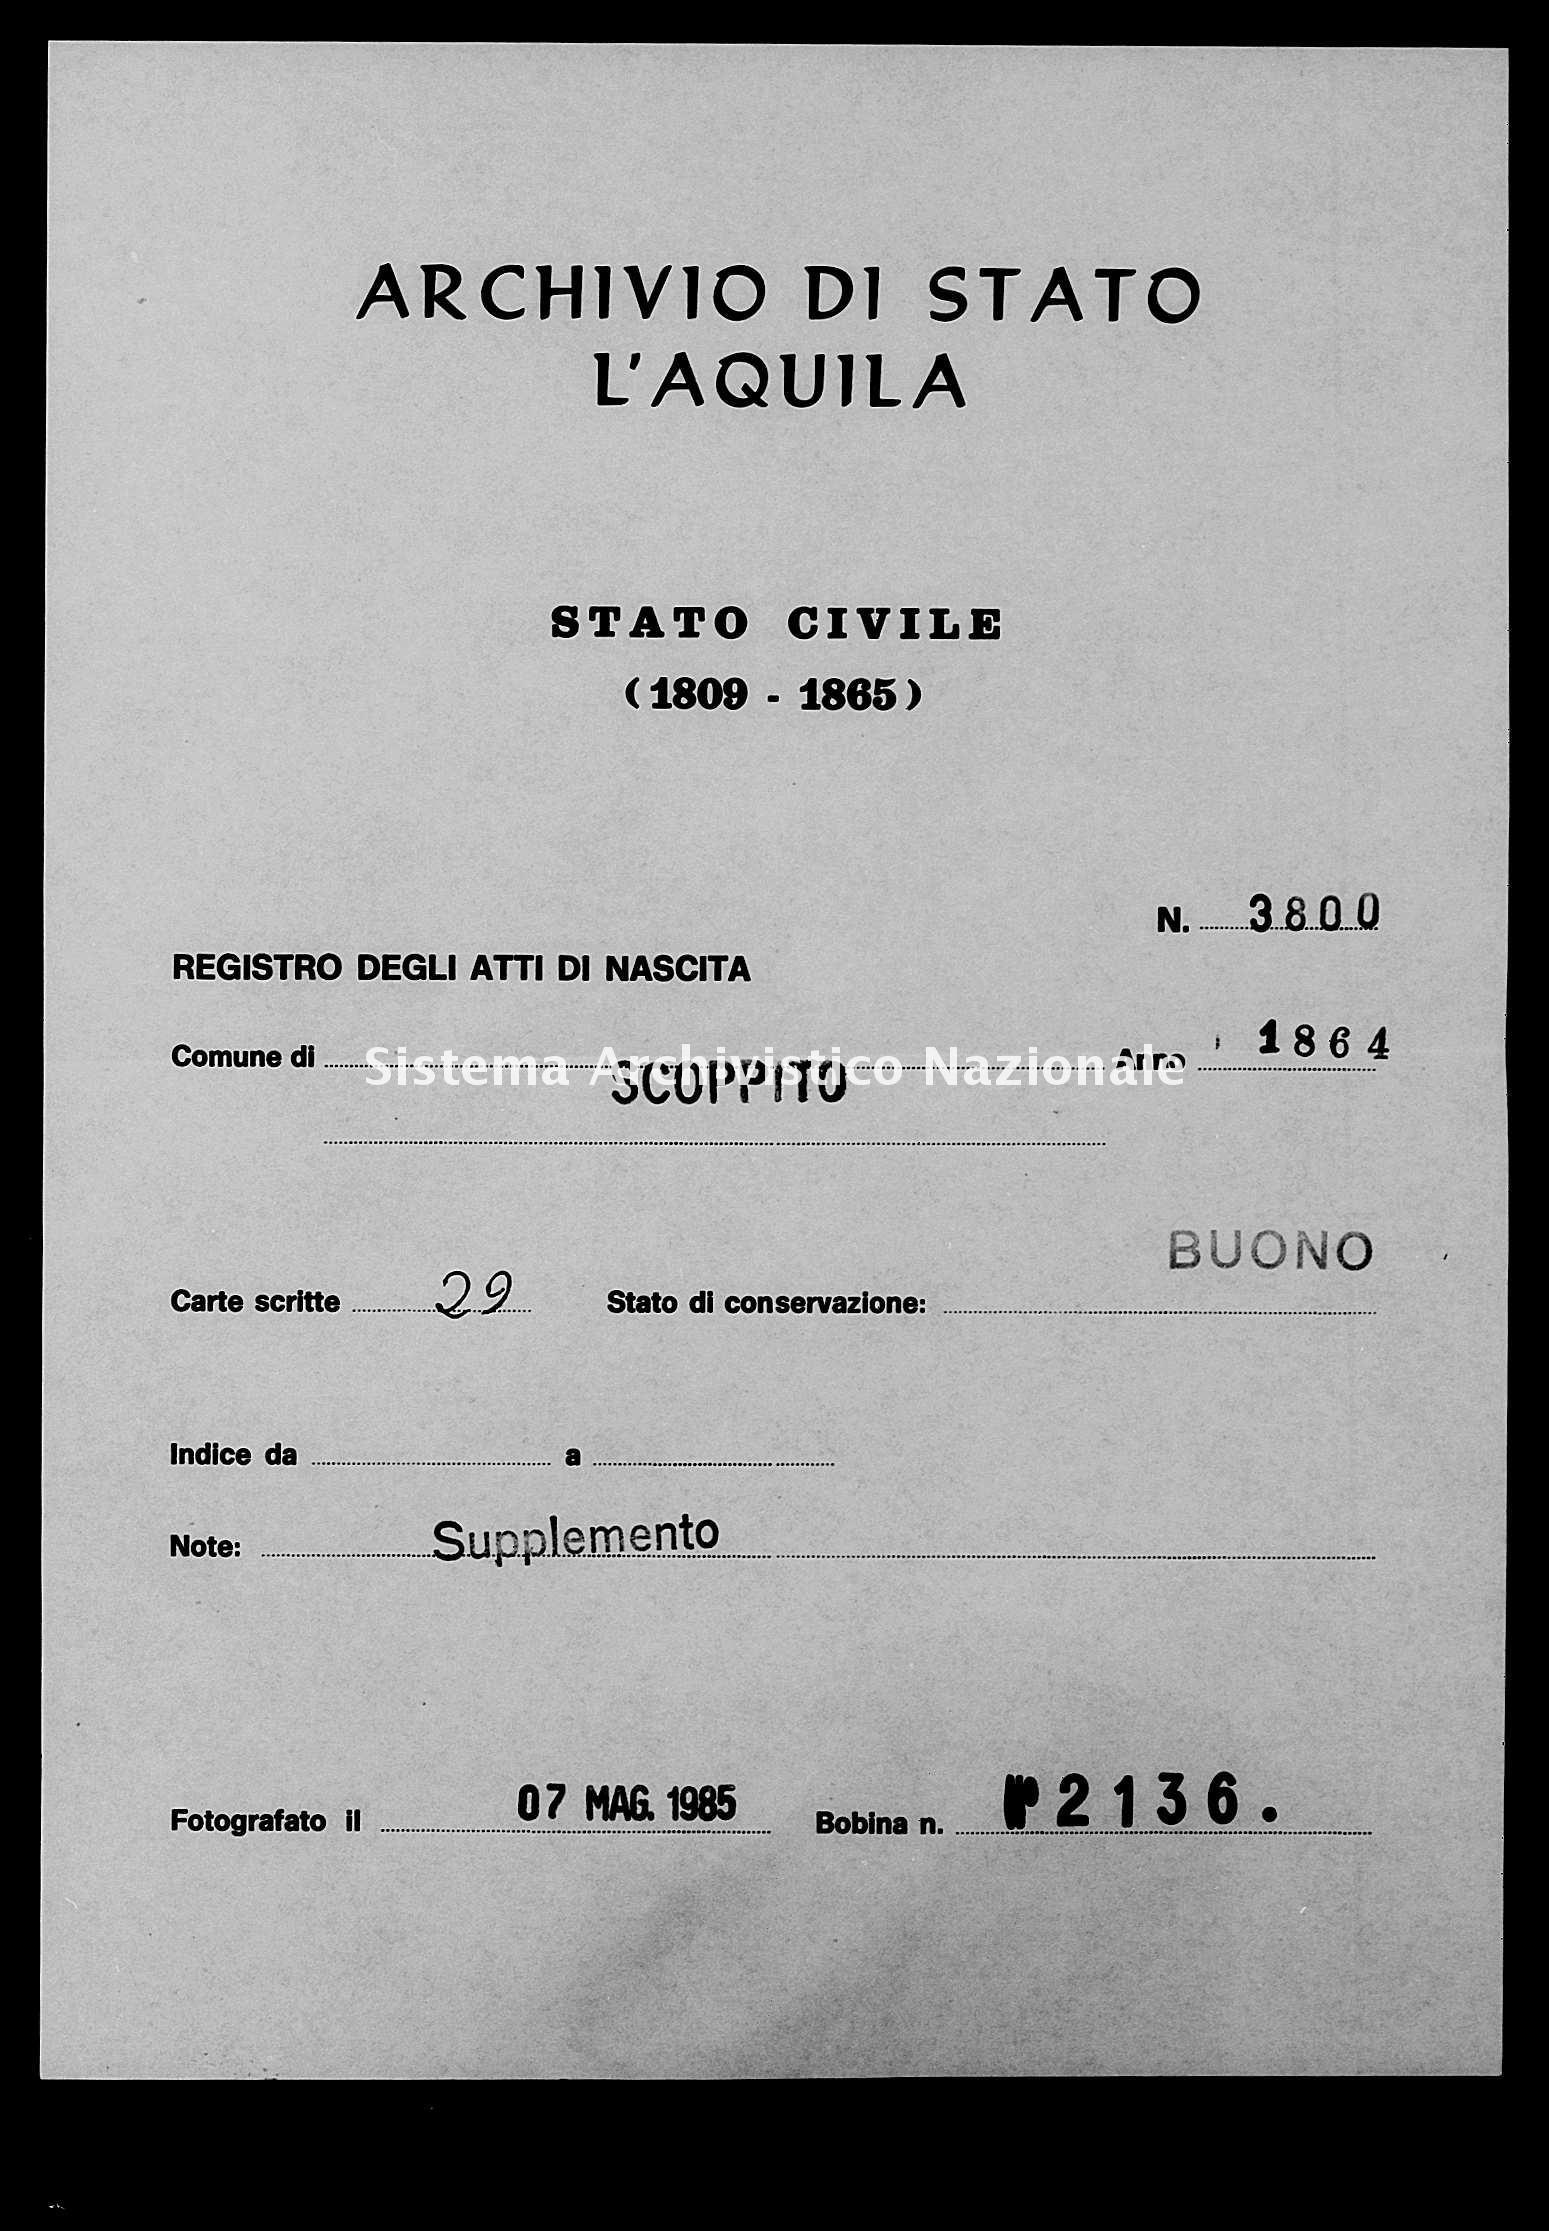 Archivio di stato di L'aquila - Stato civile italiano - Scoppito - Nati, battesimi - 1864 - 3800 -